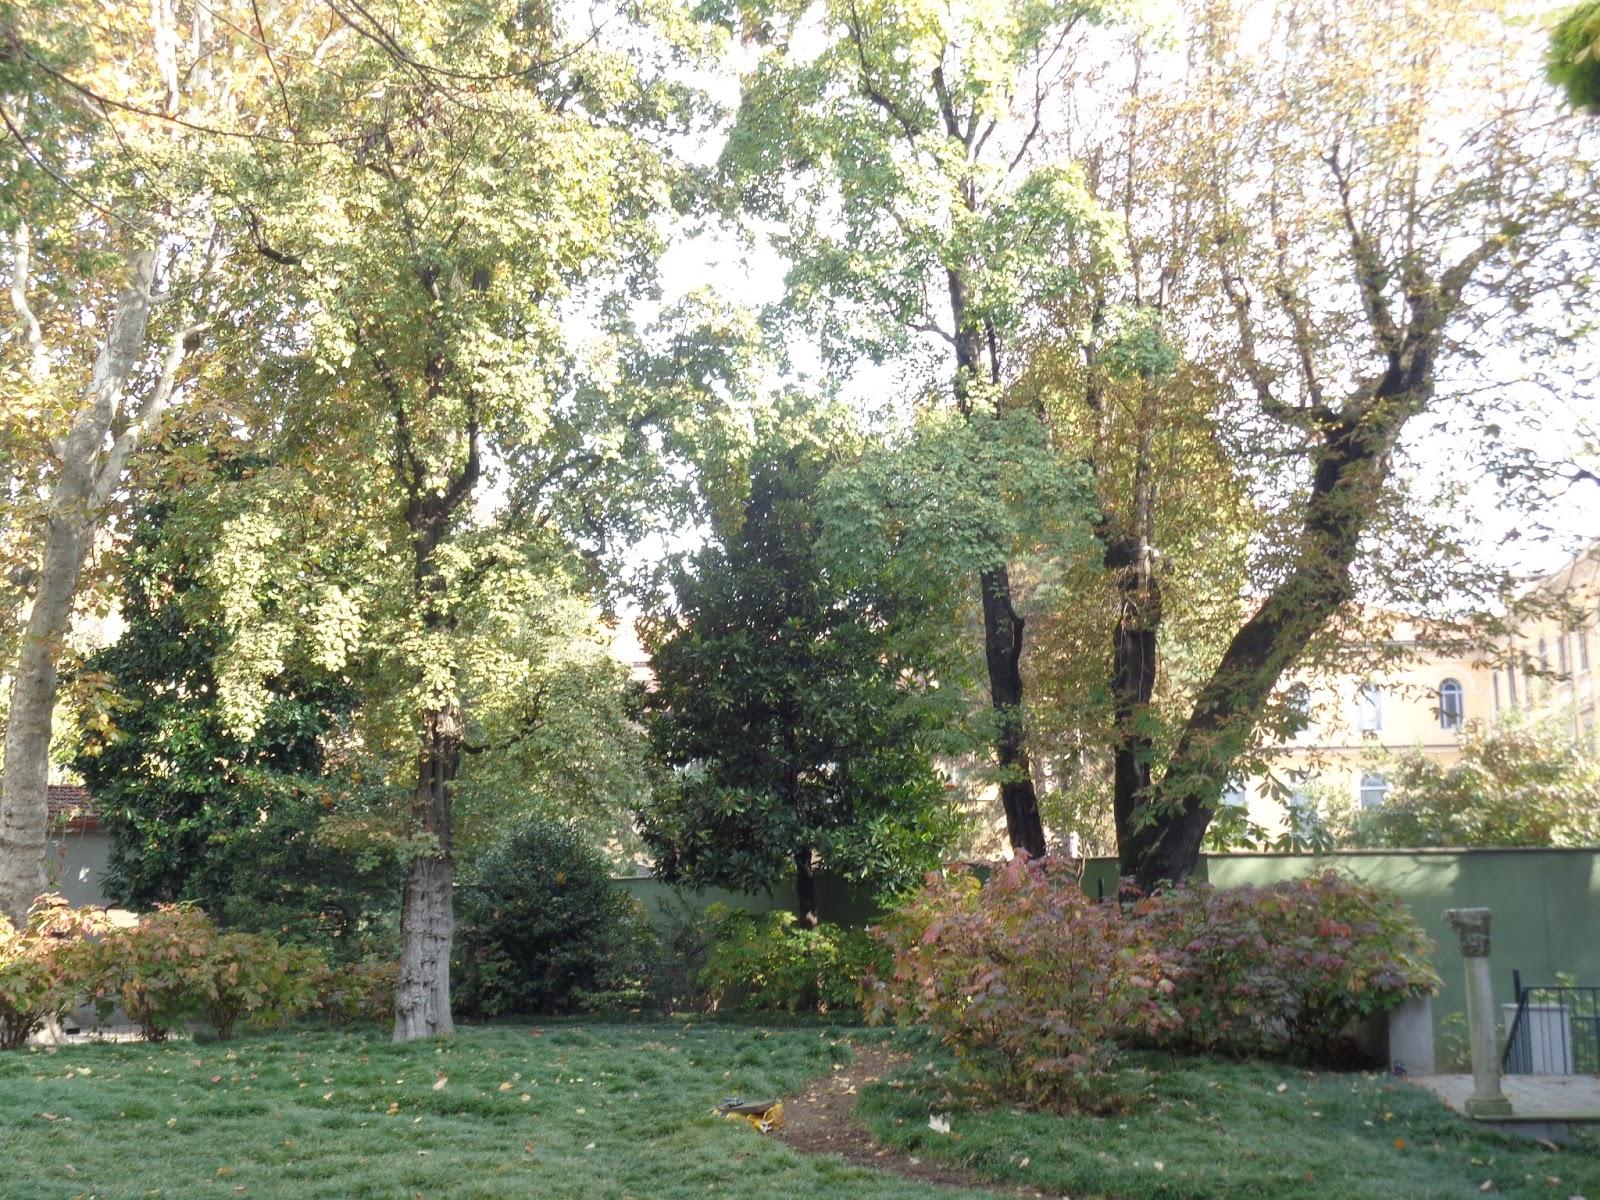 Piante alto fusto sempreverdi alberi ad alto fusto quali for Alberi da terrazzo sempreverdi